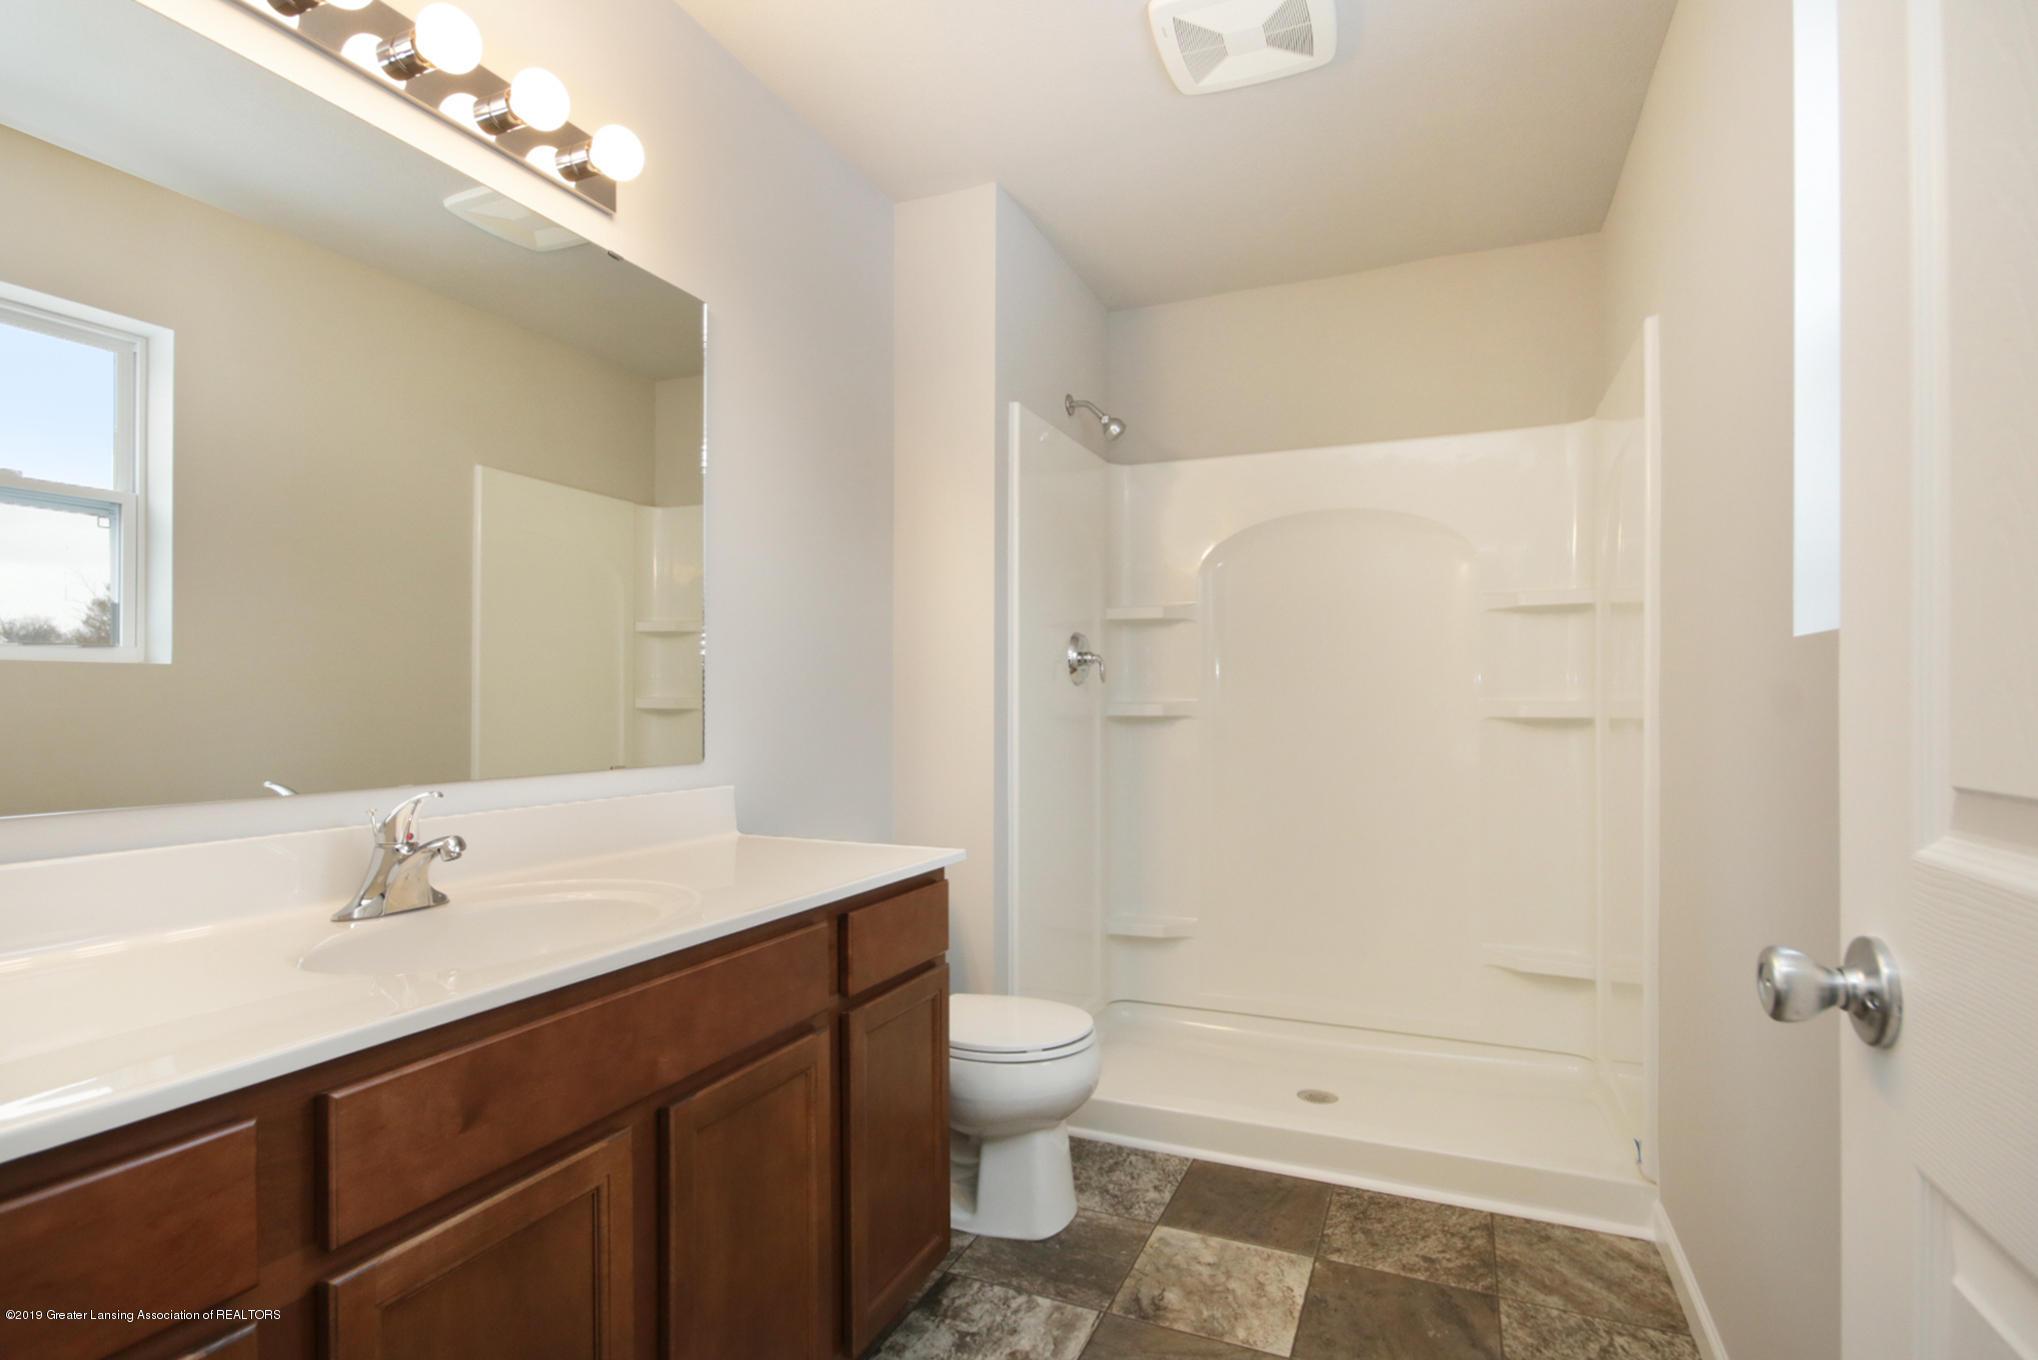 14171 Cordaleigh Dr - GSC035-E1600 Master Bathroom - 11